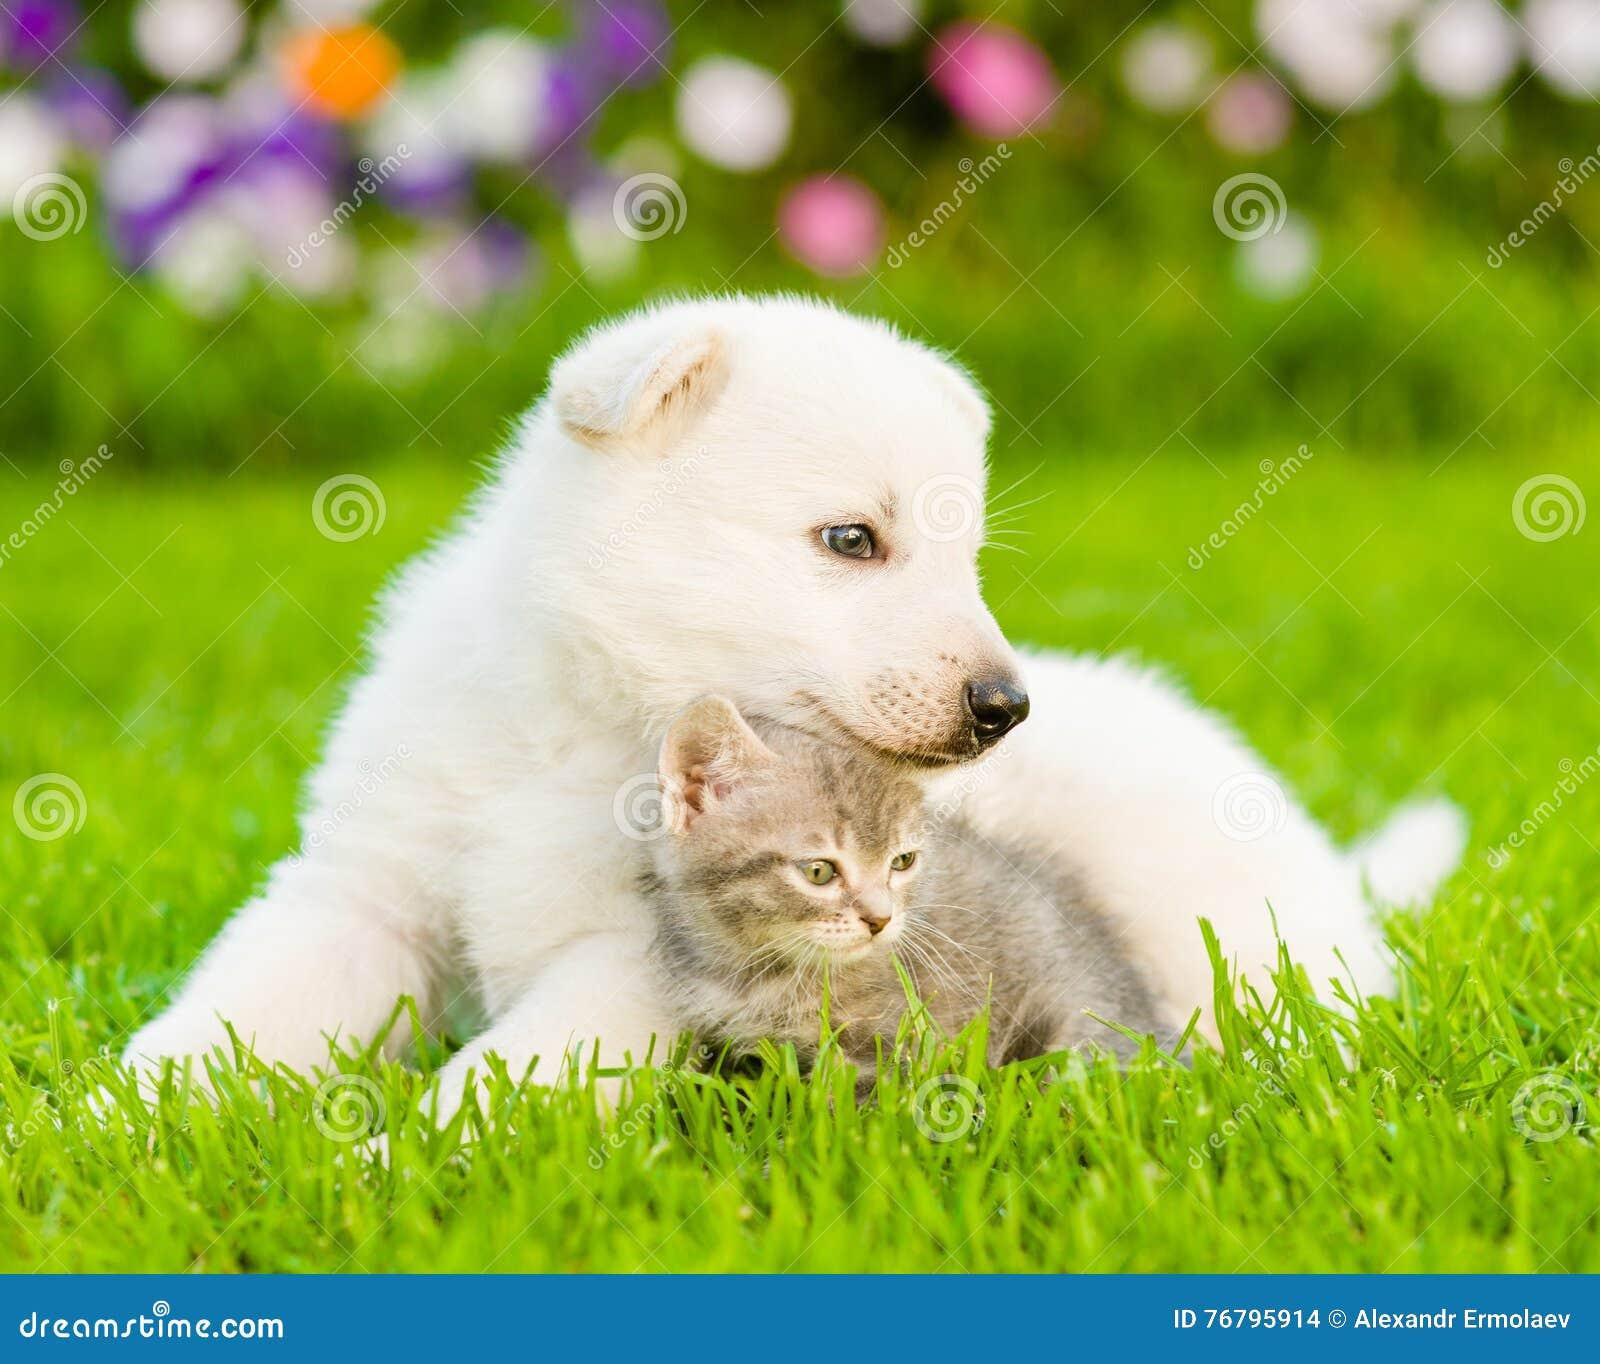 chiot suisse blanc du s de berger se trouvant avec le chaton sur l 39 herbe verte photo stock. Black Bedroom Furniture Sets. Home Design Ideas